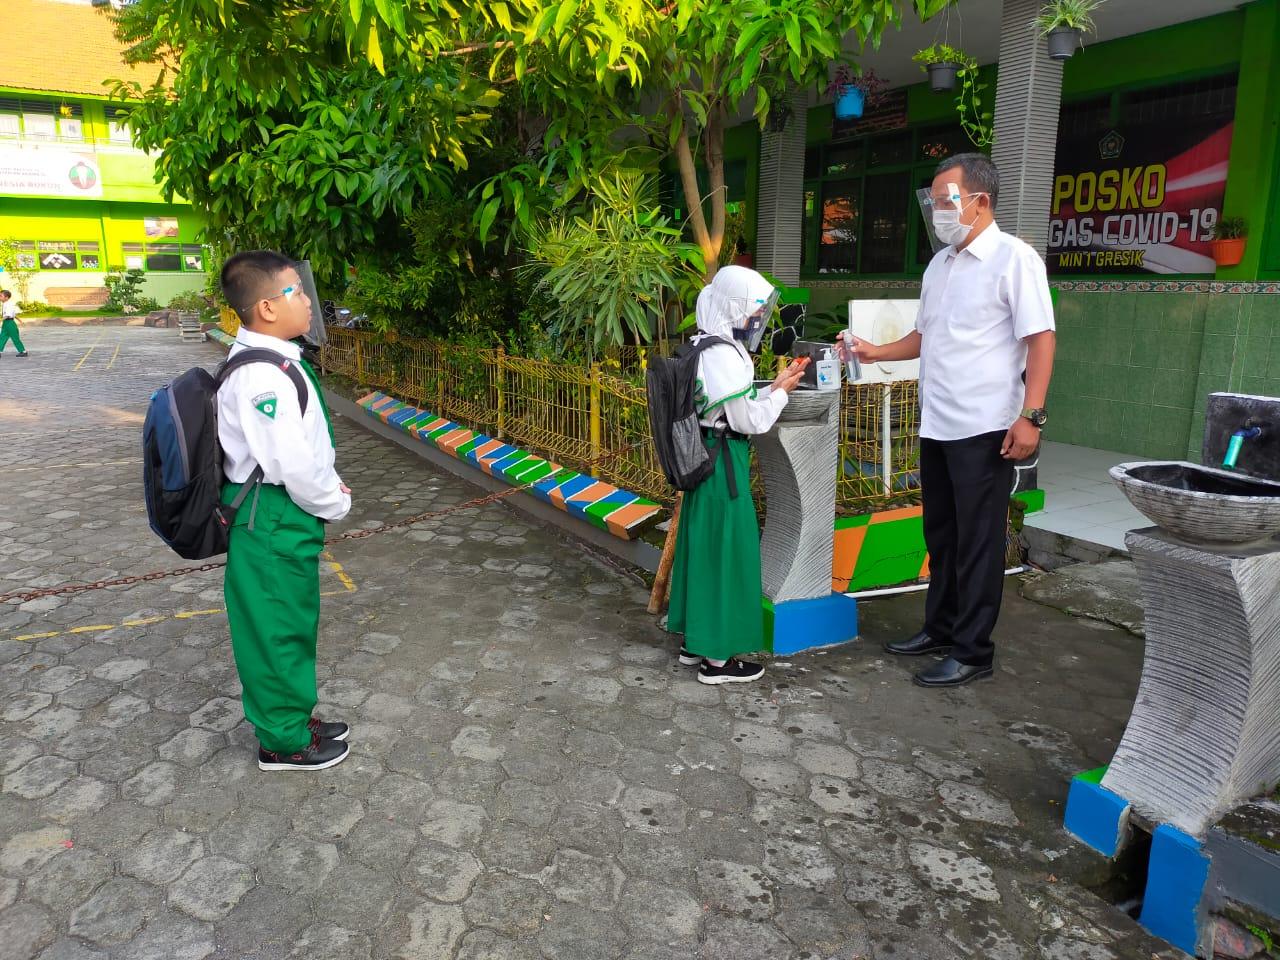 Resmi! Pembelajaran di RA/Madrasah Dilakukan 100% Daring